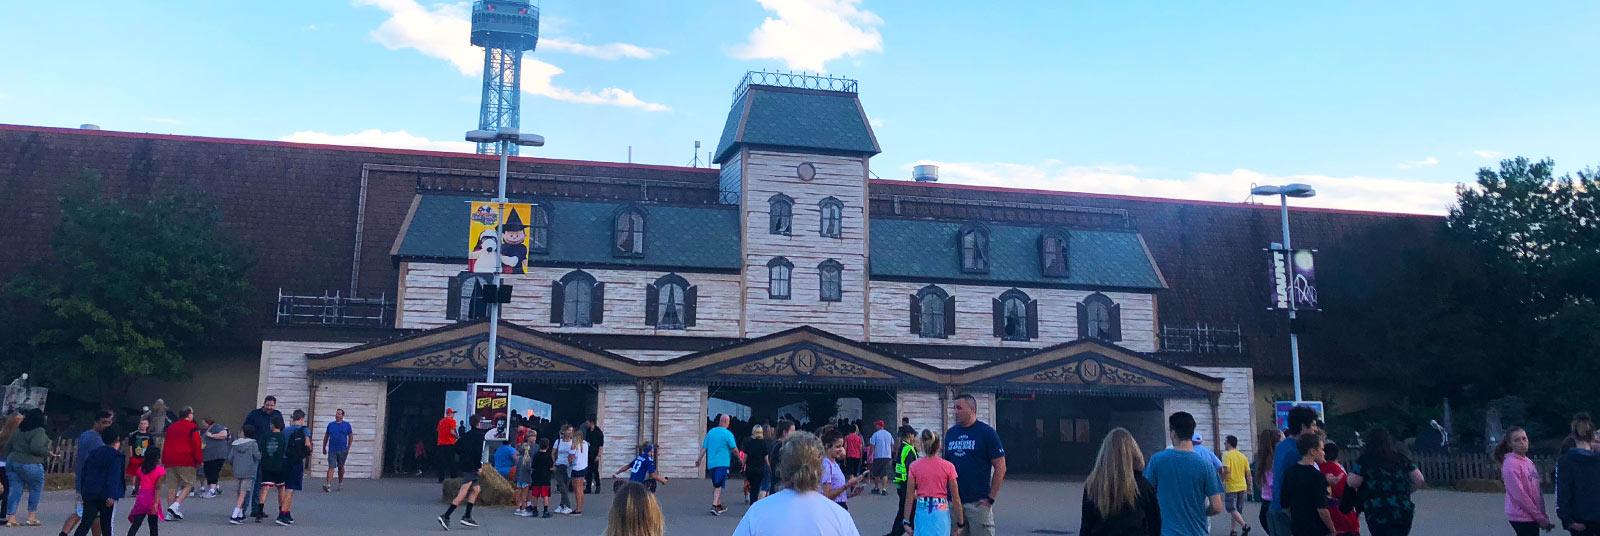 Cedar Point Halloweekends Themed Entertainment Design Sandusky Ohio